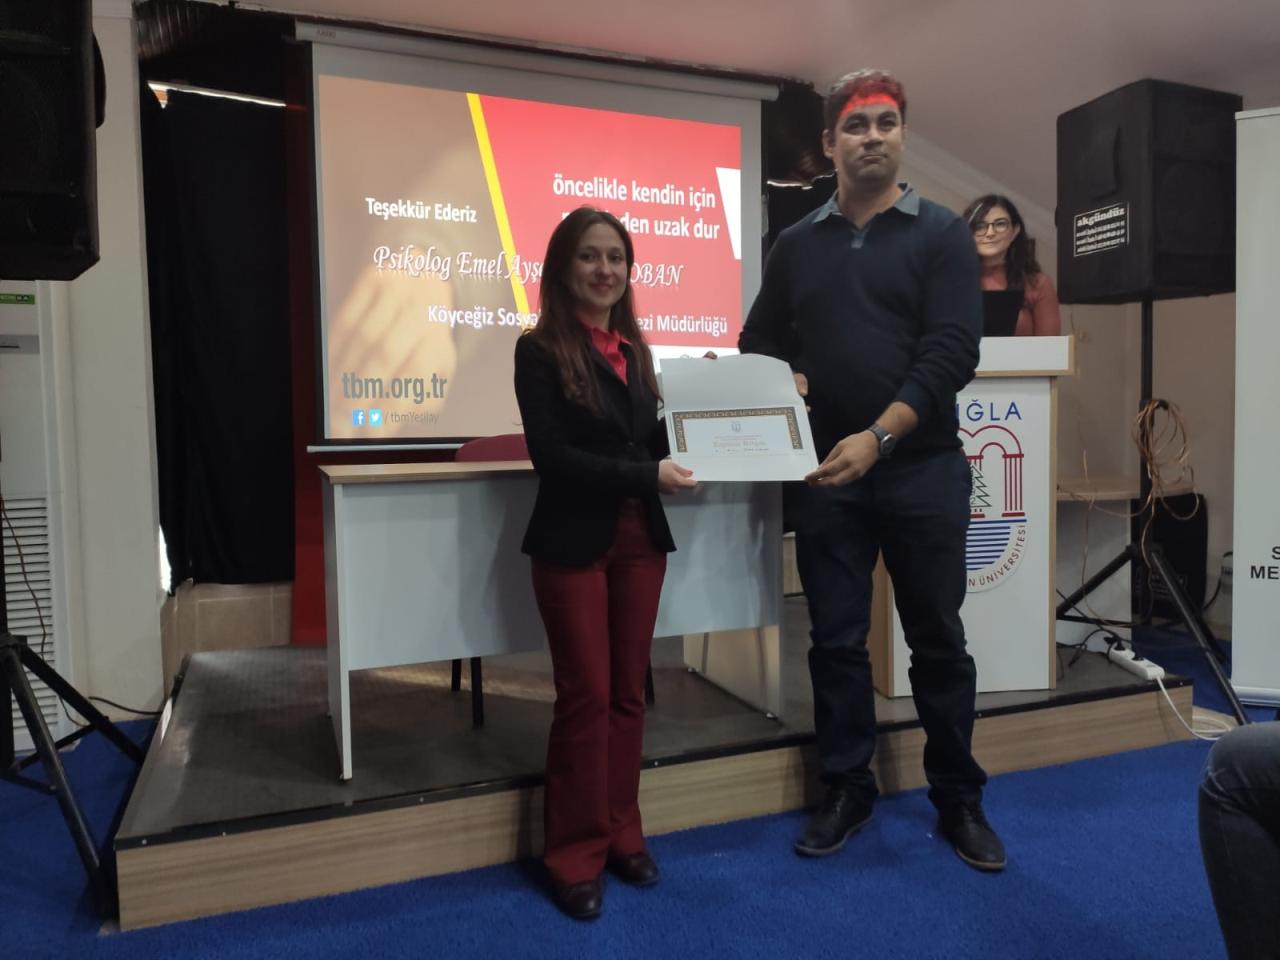 Köyceğiz Meslek Yüksekokulu Müdürlüğü Alkol Sigara Uyuşturucu Bağımlılığı Farkındalık eğitim semineri